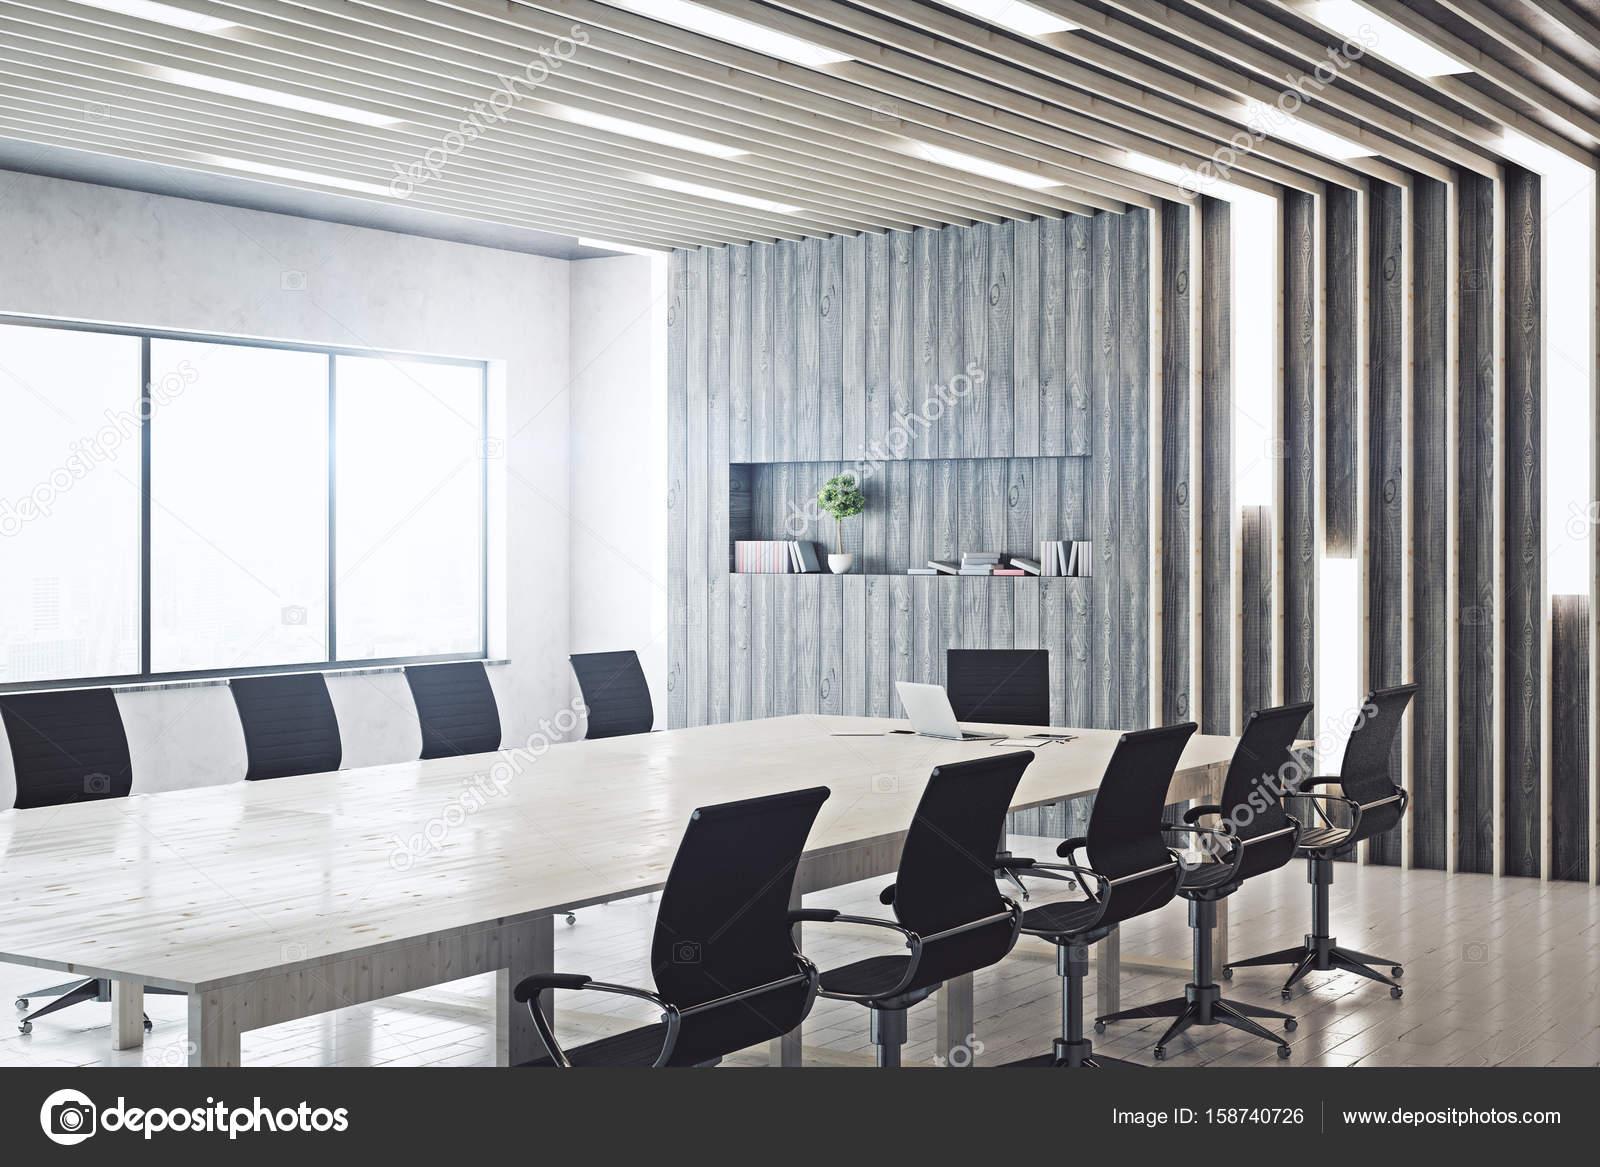 moderner Tagungsraum — Stockfoto © peshkova #158740726